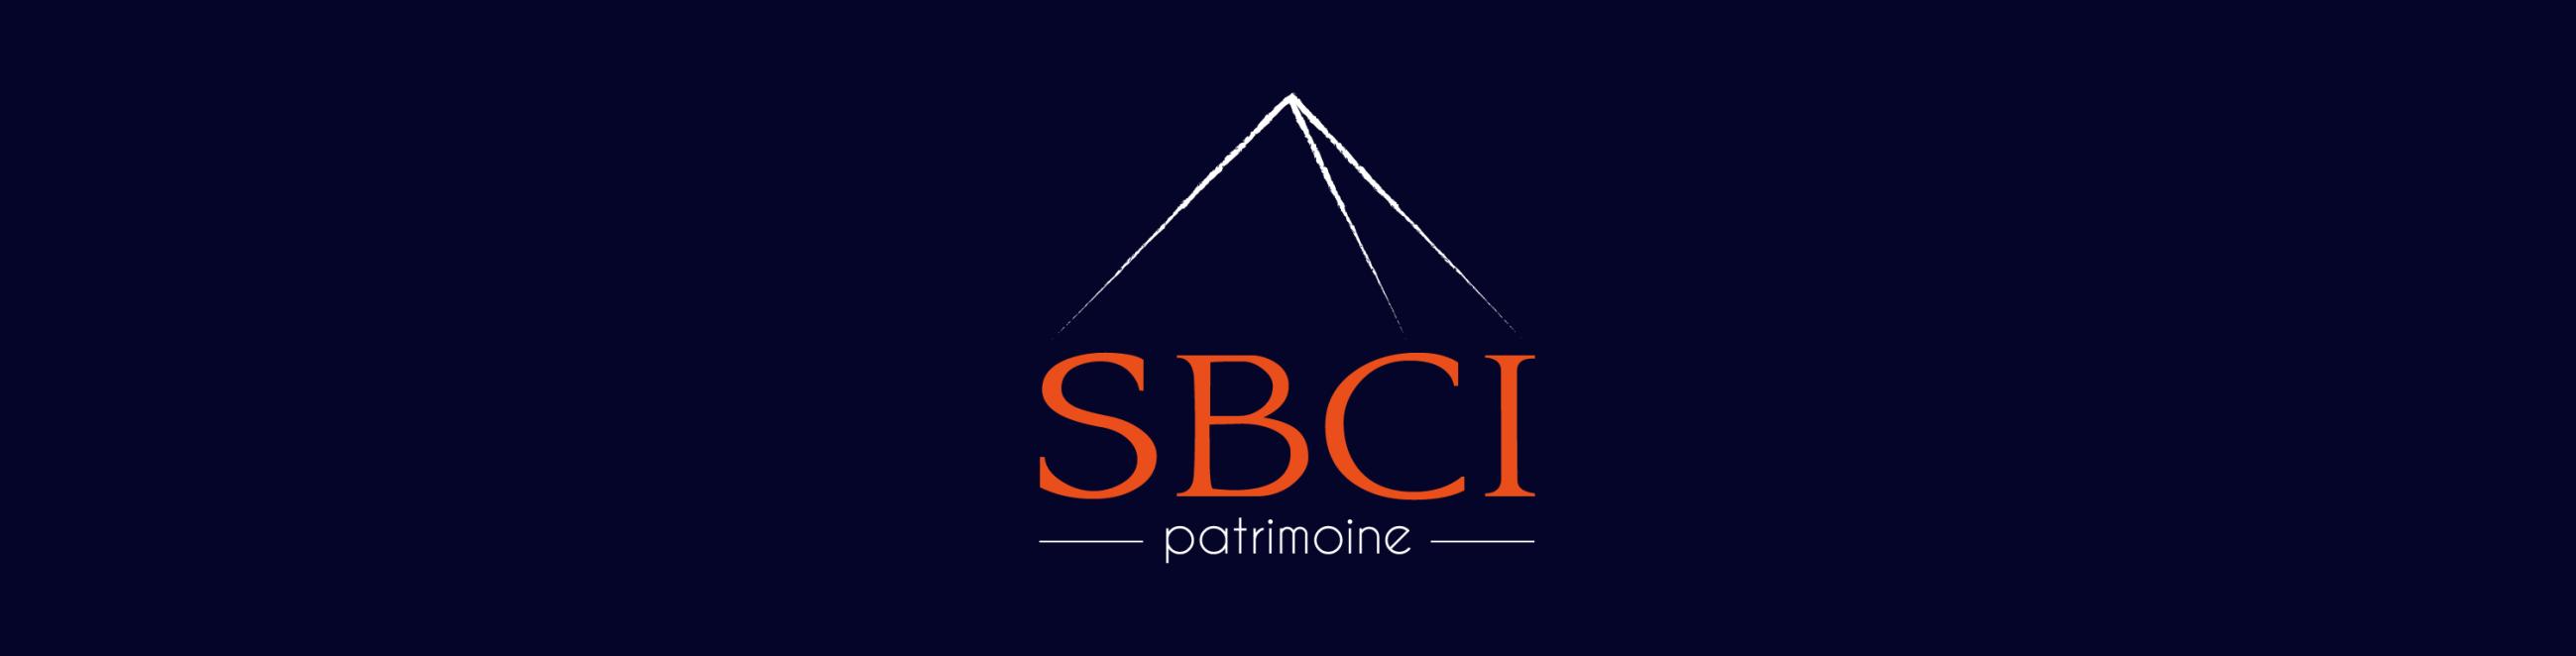 Logo Sbci Patrimoine